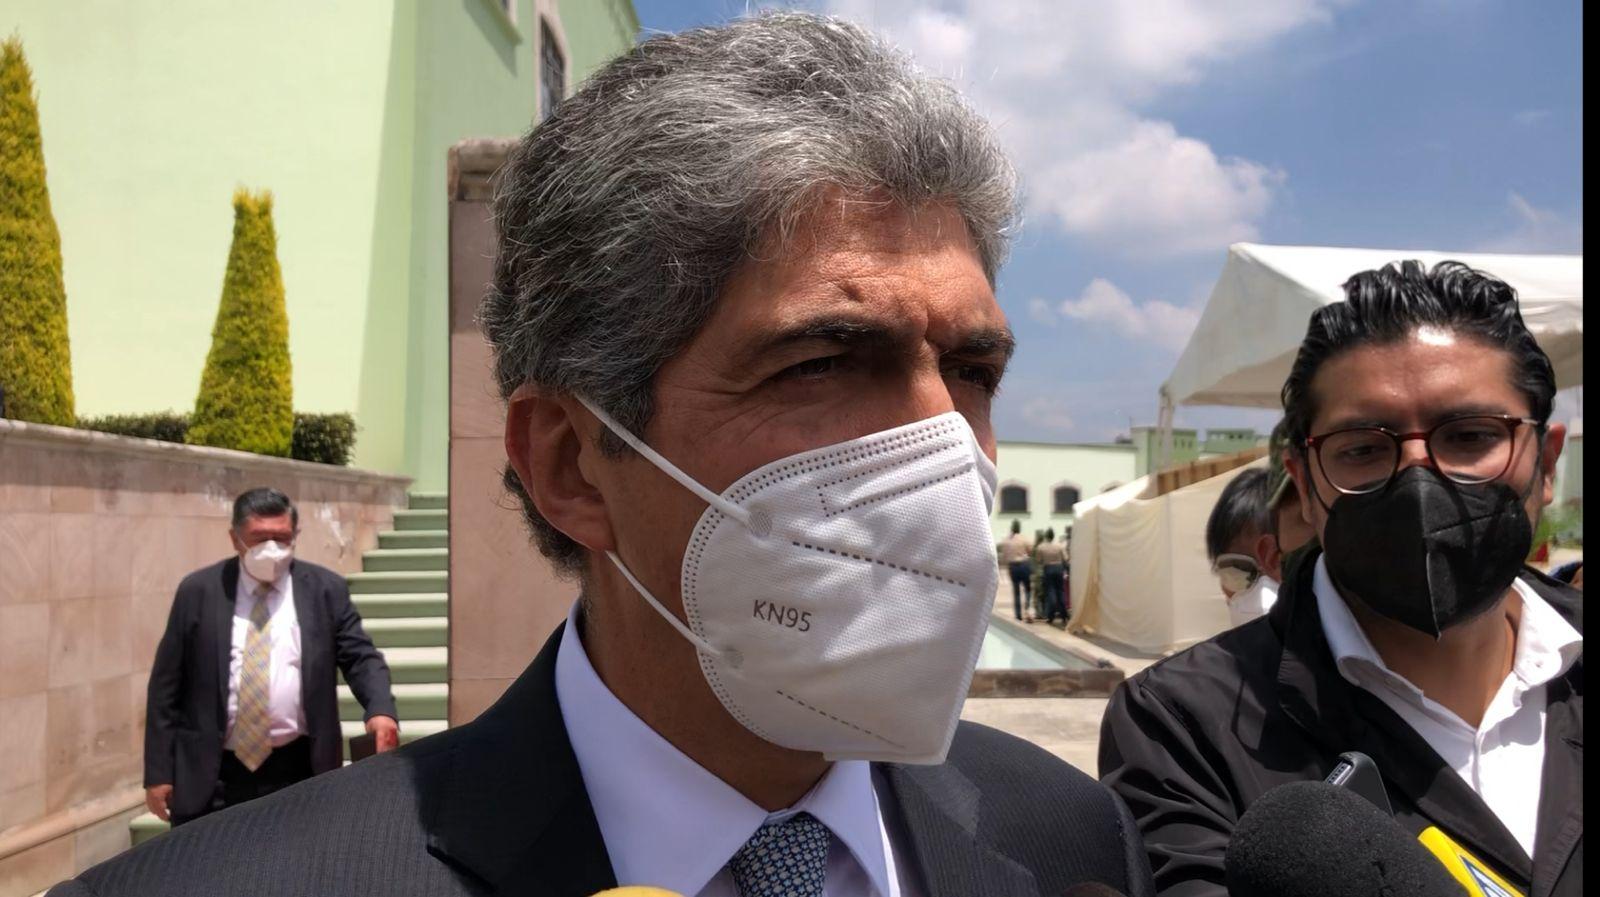 Avanzan investigaciones por periodista secuestrada: Ernesto Nemer